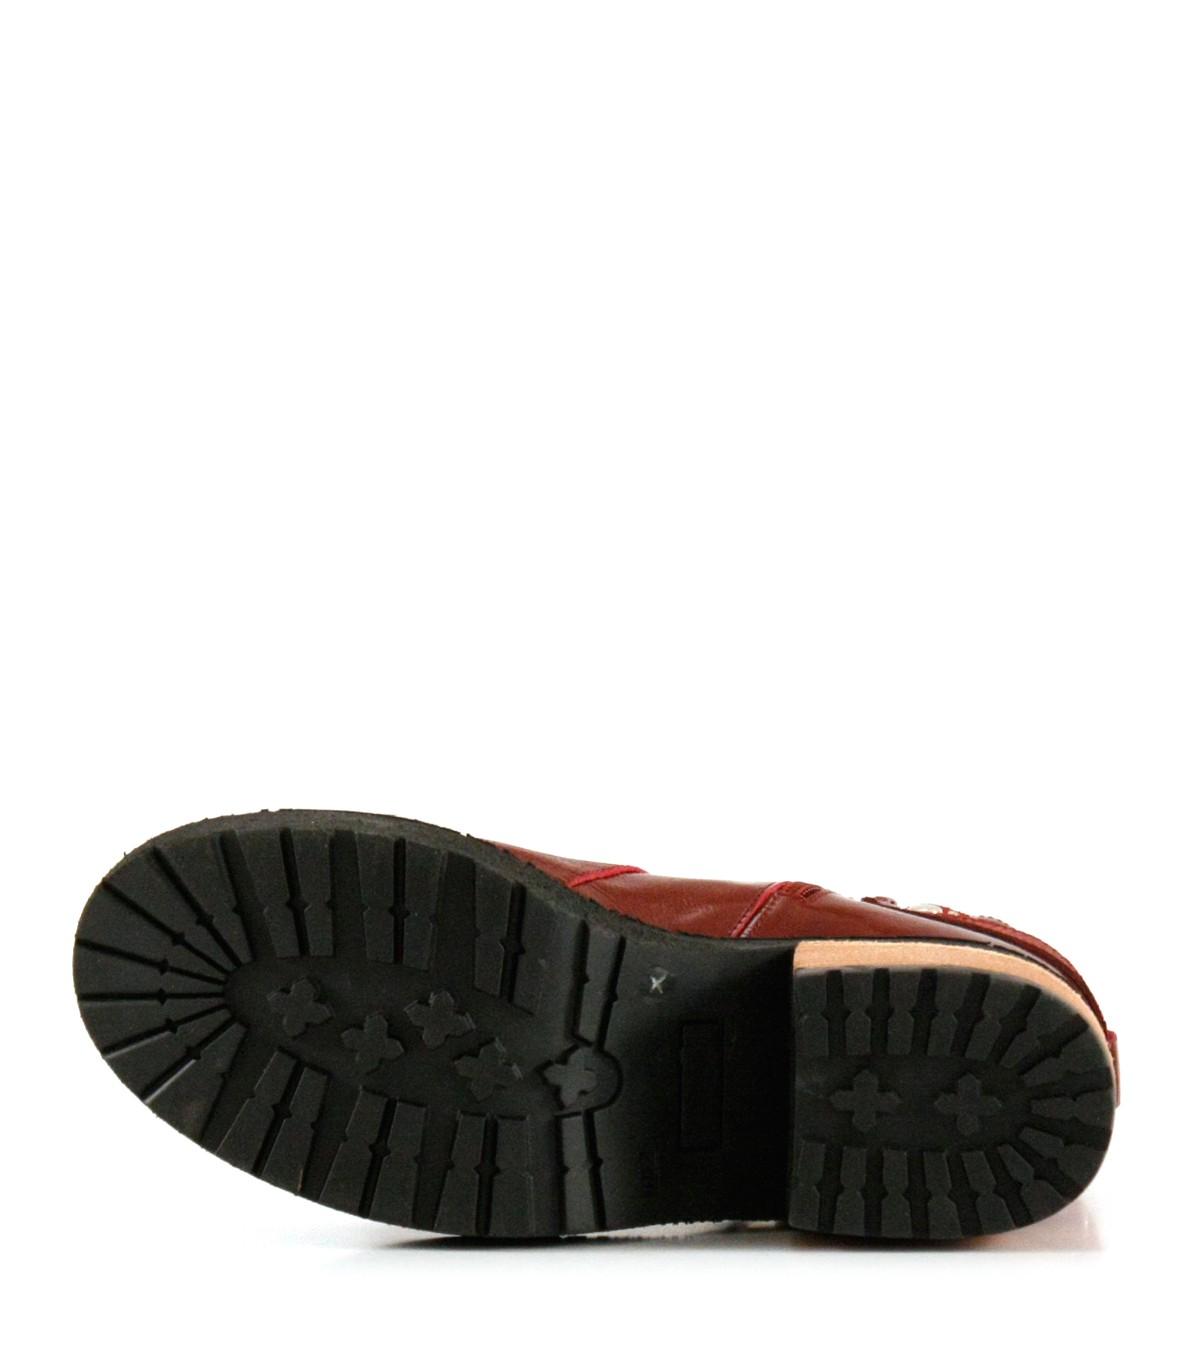 Botas cortas de charol bordó|Mujeres|Batistella